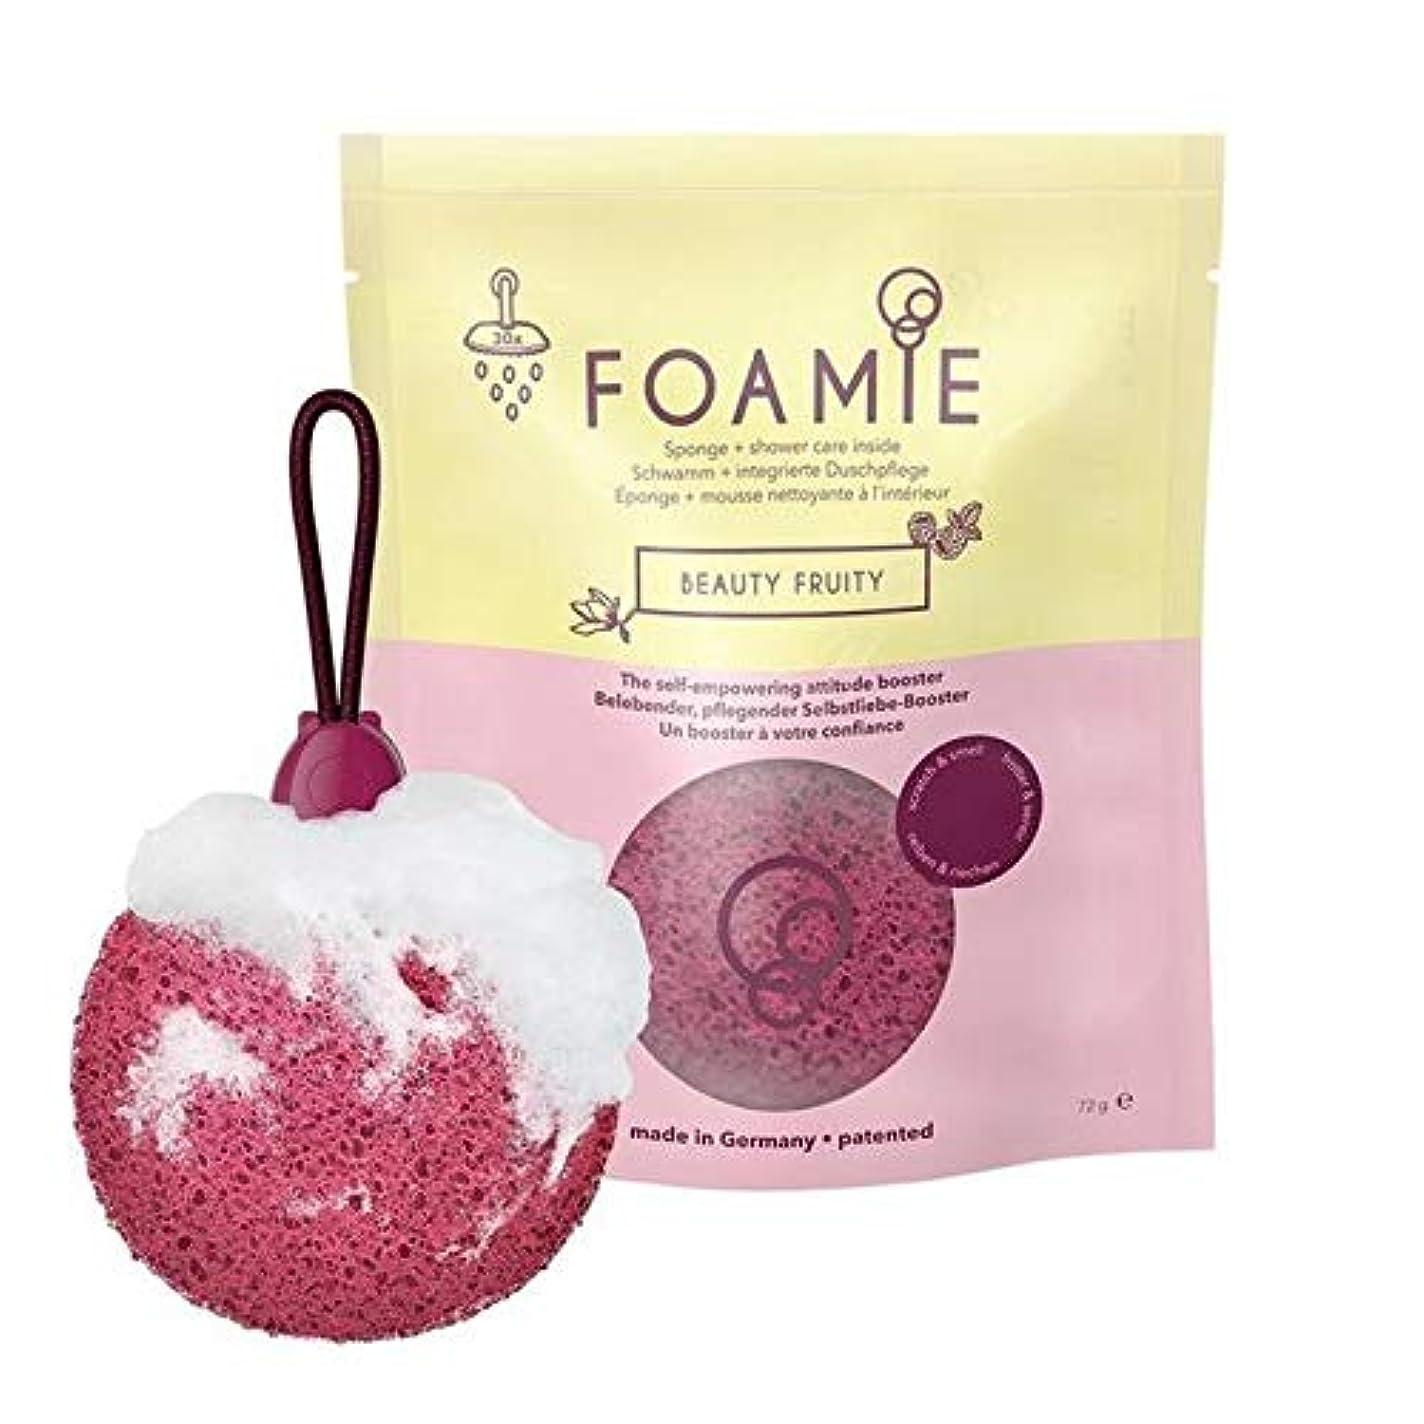 フレアトムオードリースどこ[Foamie] Foamieスポンジ&ボディウォッシュ、美しさのフルーティー - Foamie Sponge & Body Wash, Beauty Fruity [並行輸入品]